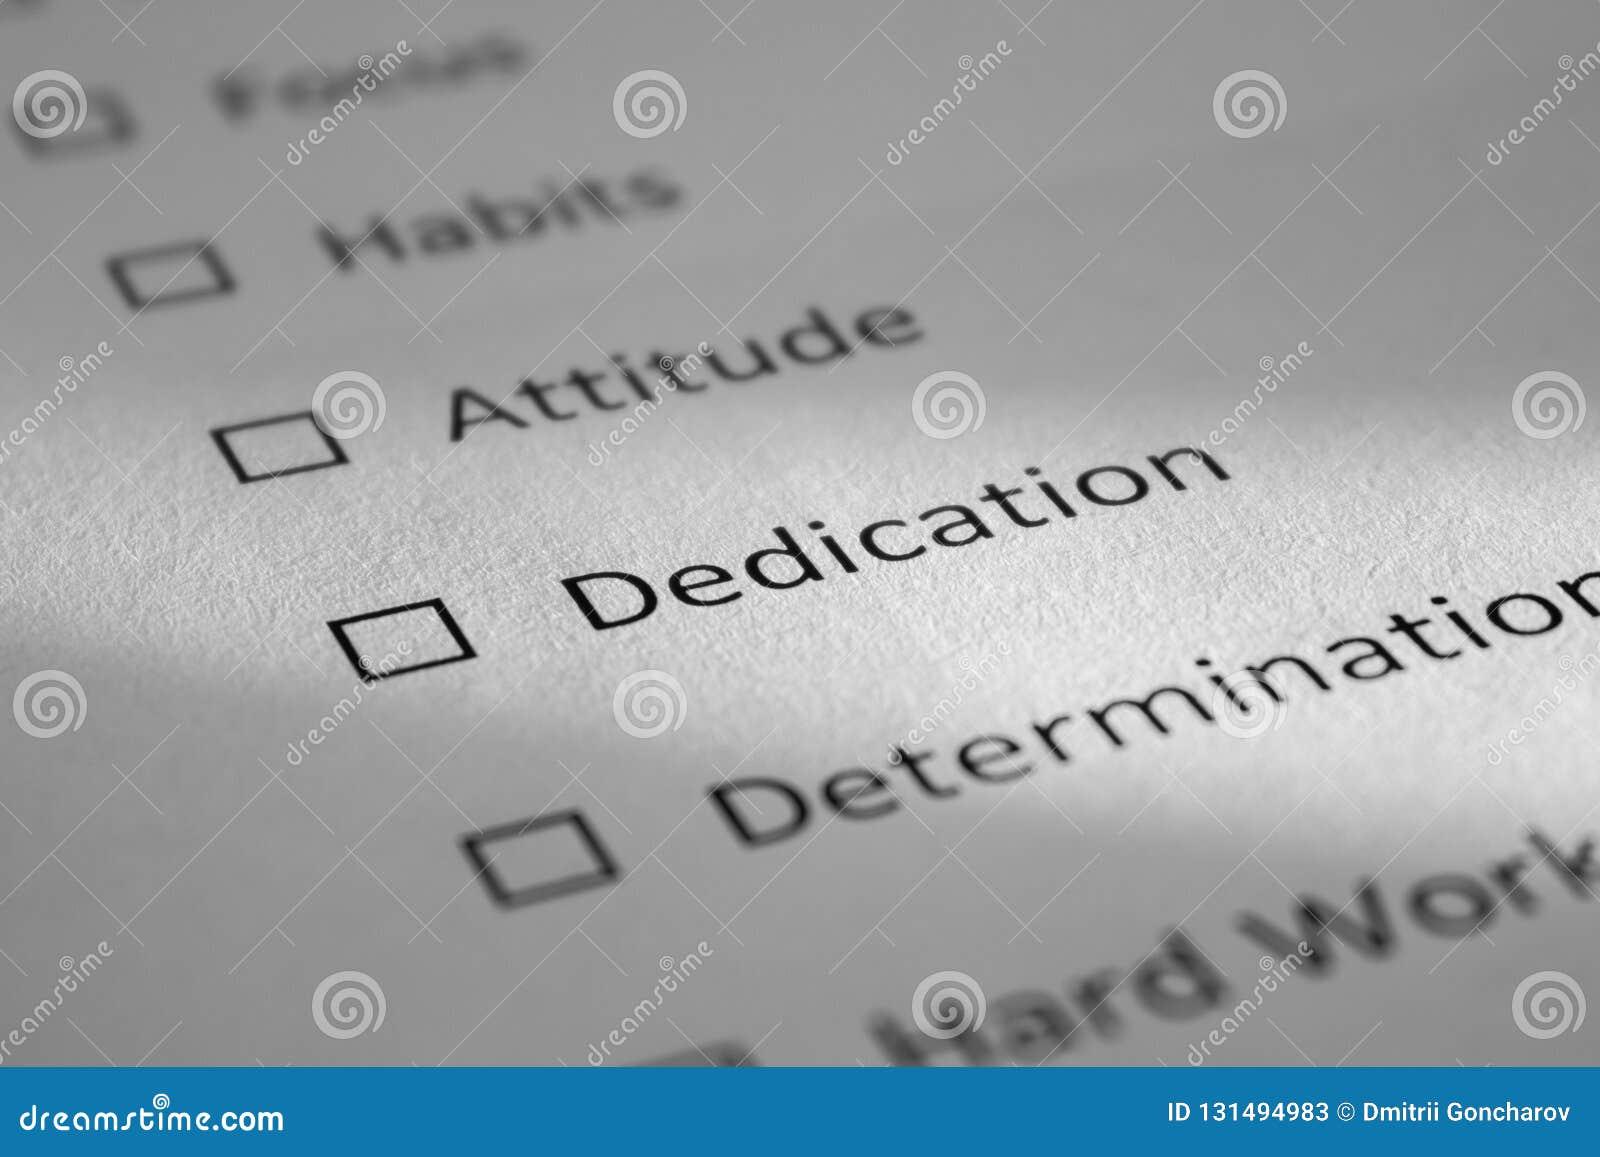 Lista kontrolna na białym prześcieradle papier z punktami Skupia się, przyzwyczajenia, postawa, dedykacja, determinacja Wpisowa d